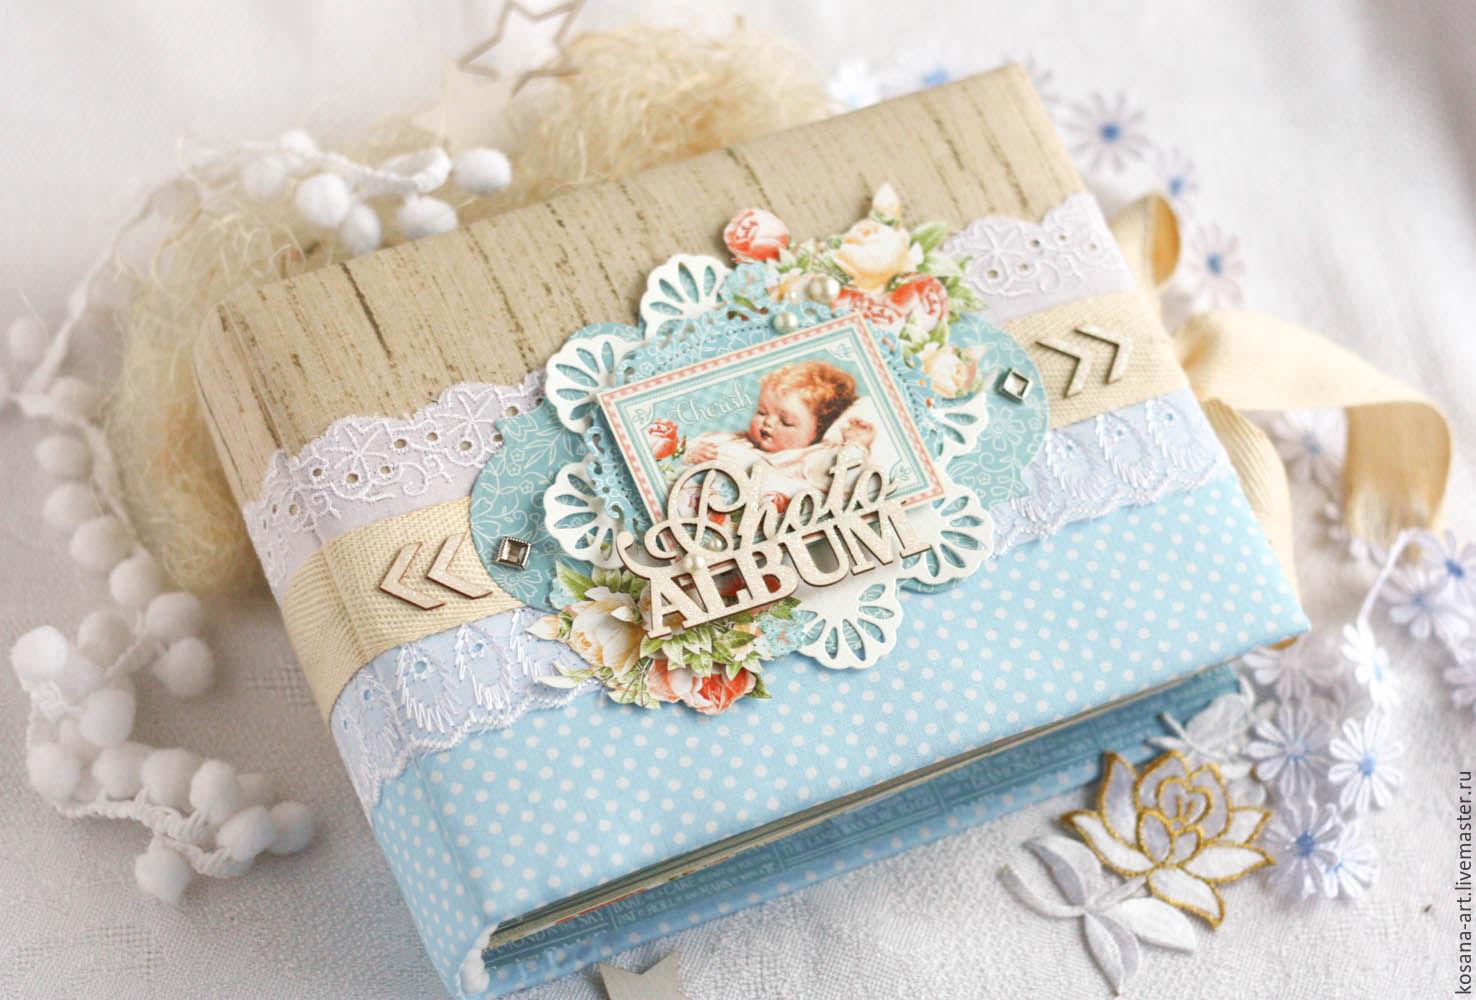 Альбом для малыша Precious Memories, Фотоальбомы, Санкт-Петербург,  Фото №1